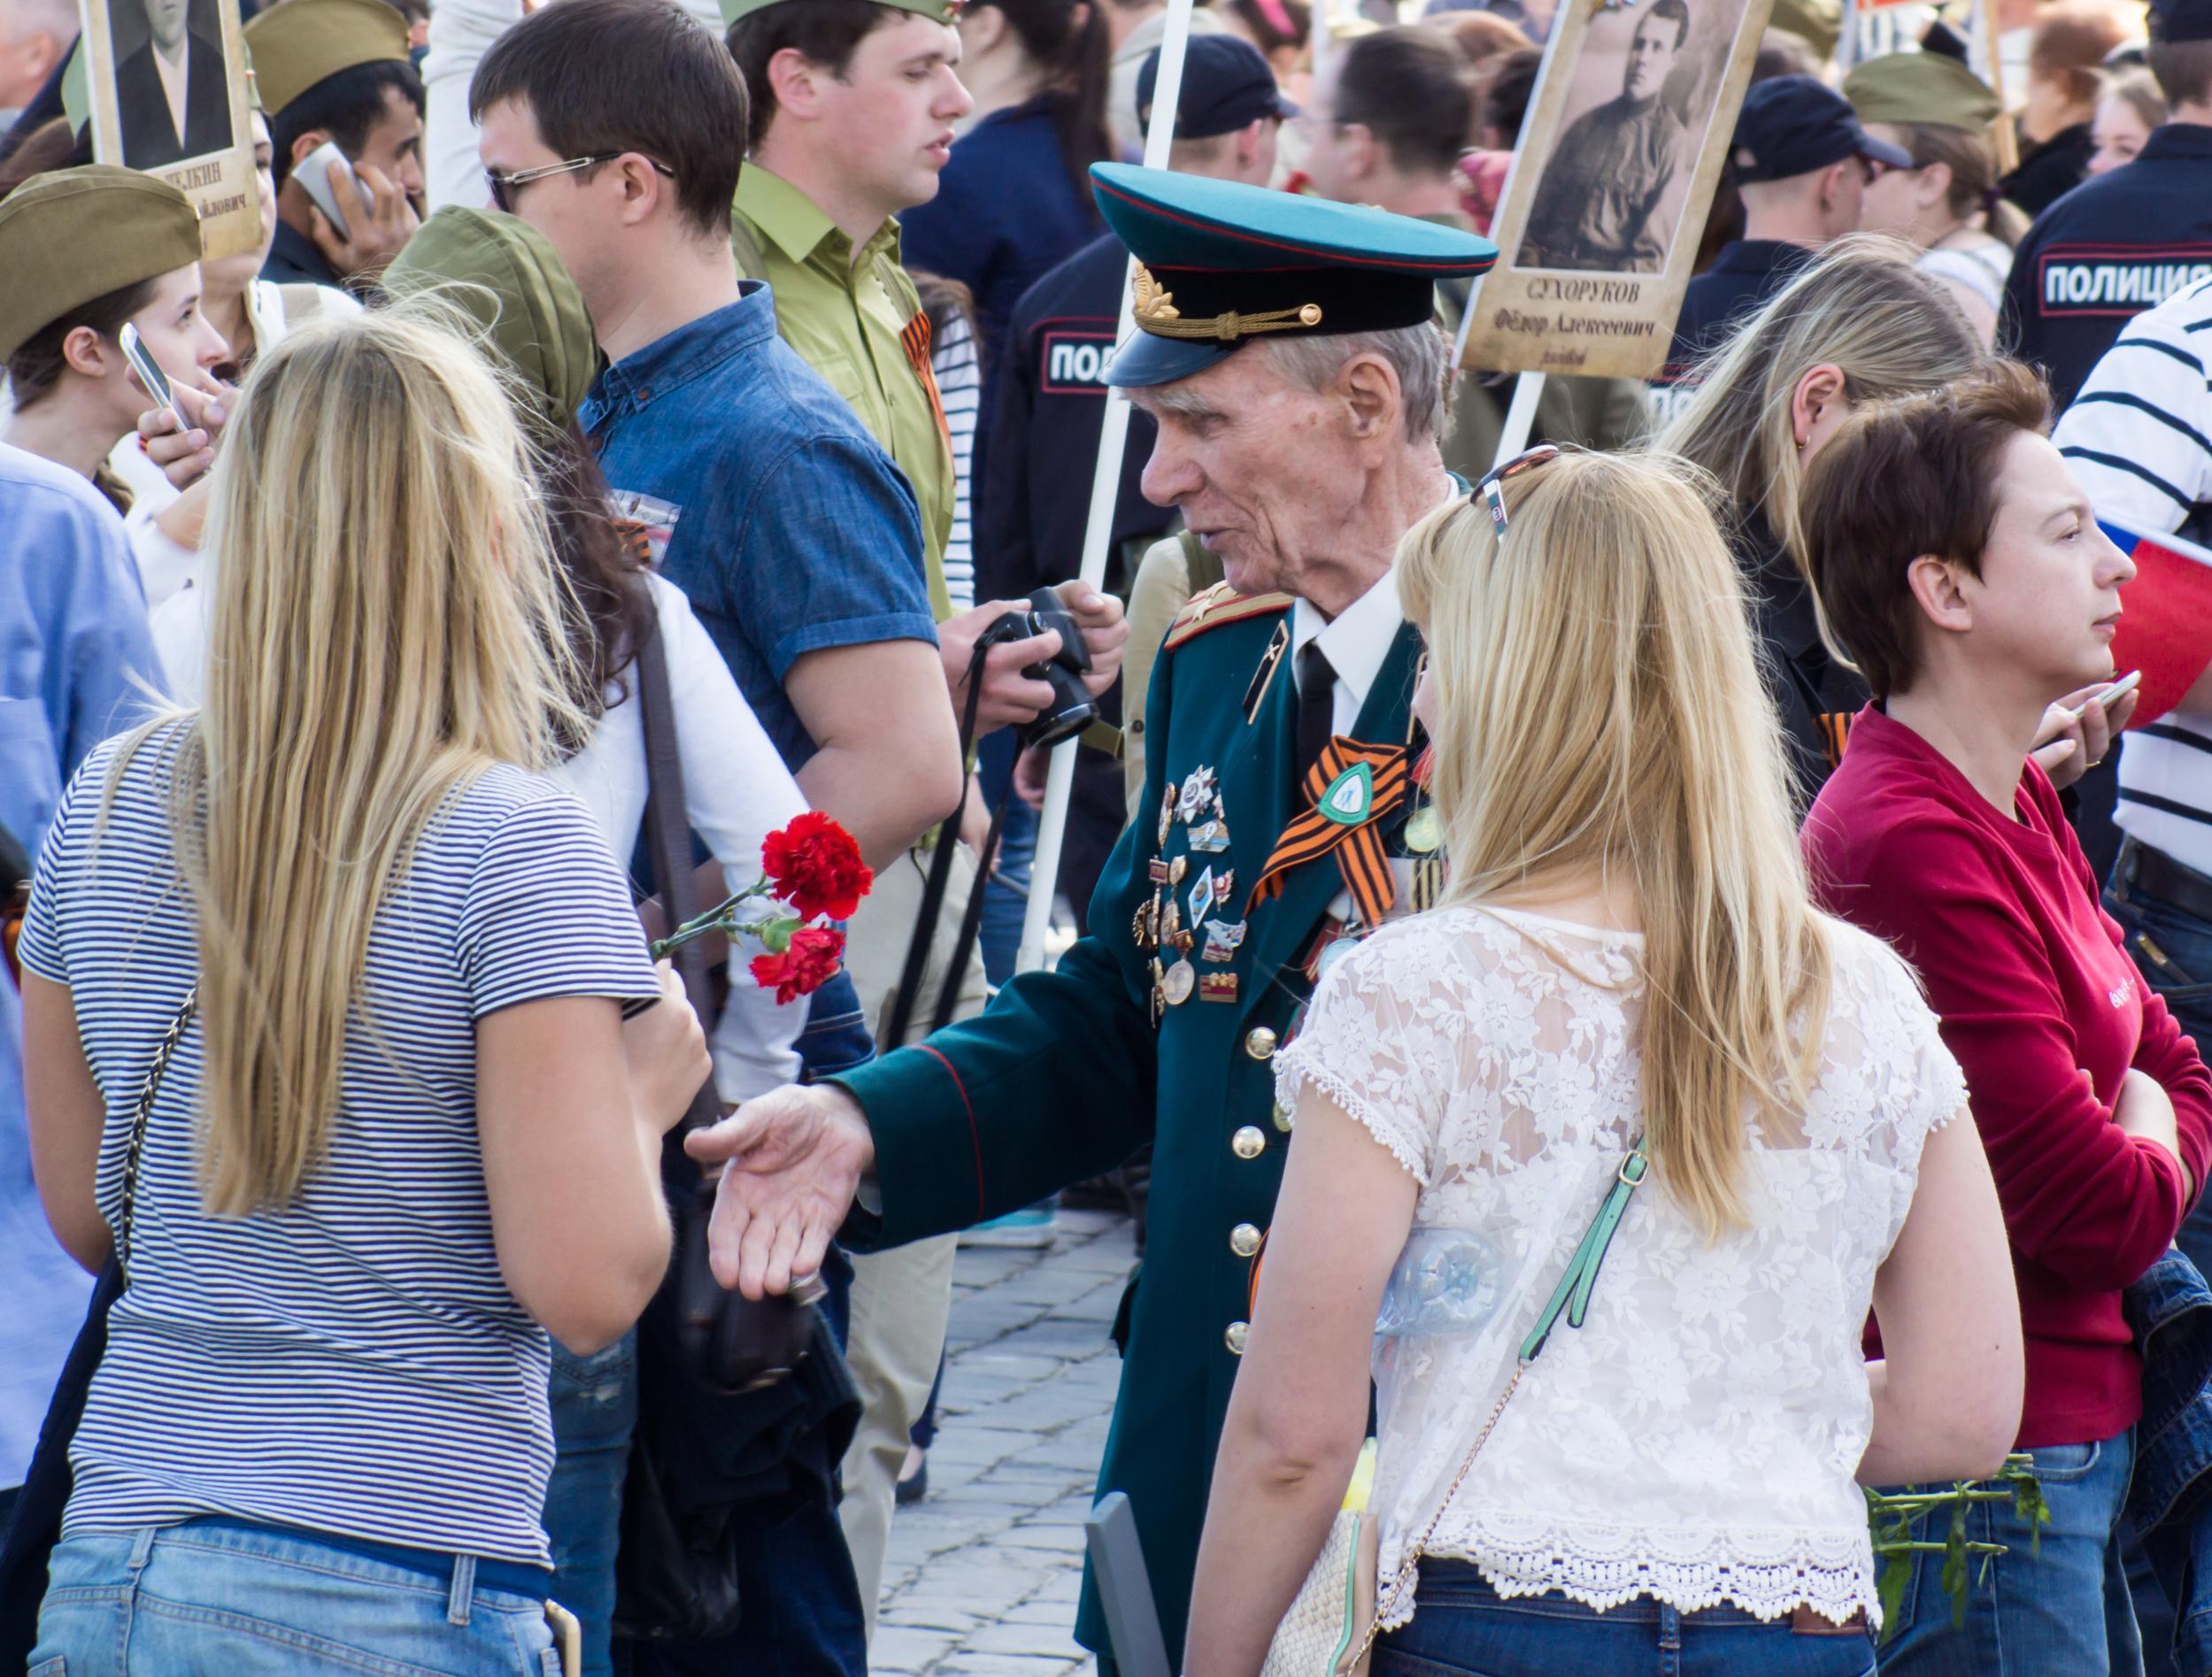 Vetran on shares of Immortal Regiment